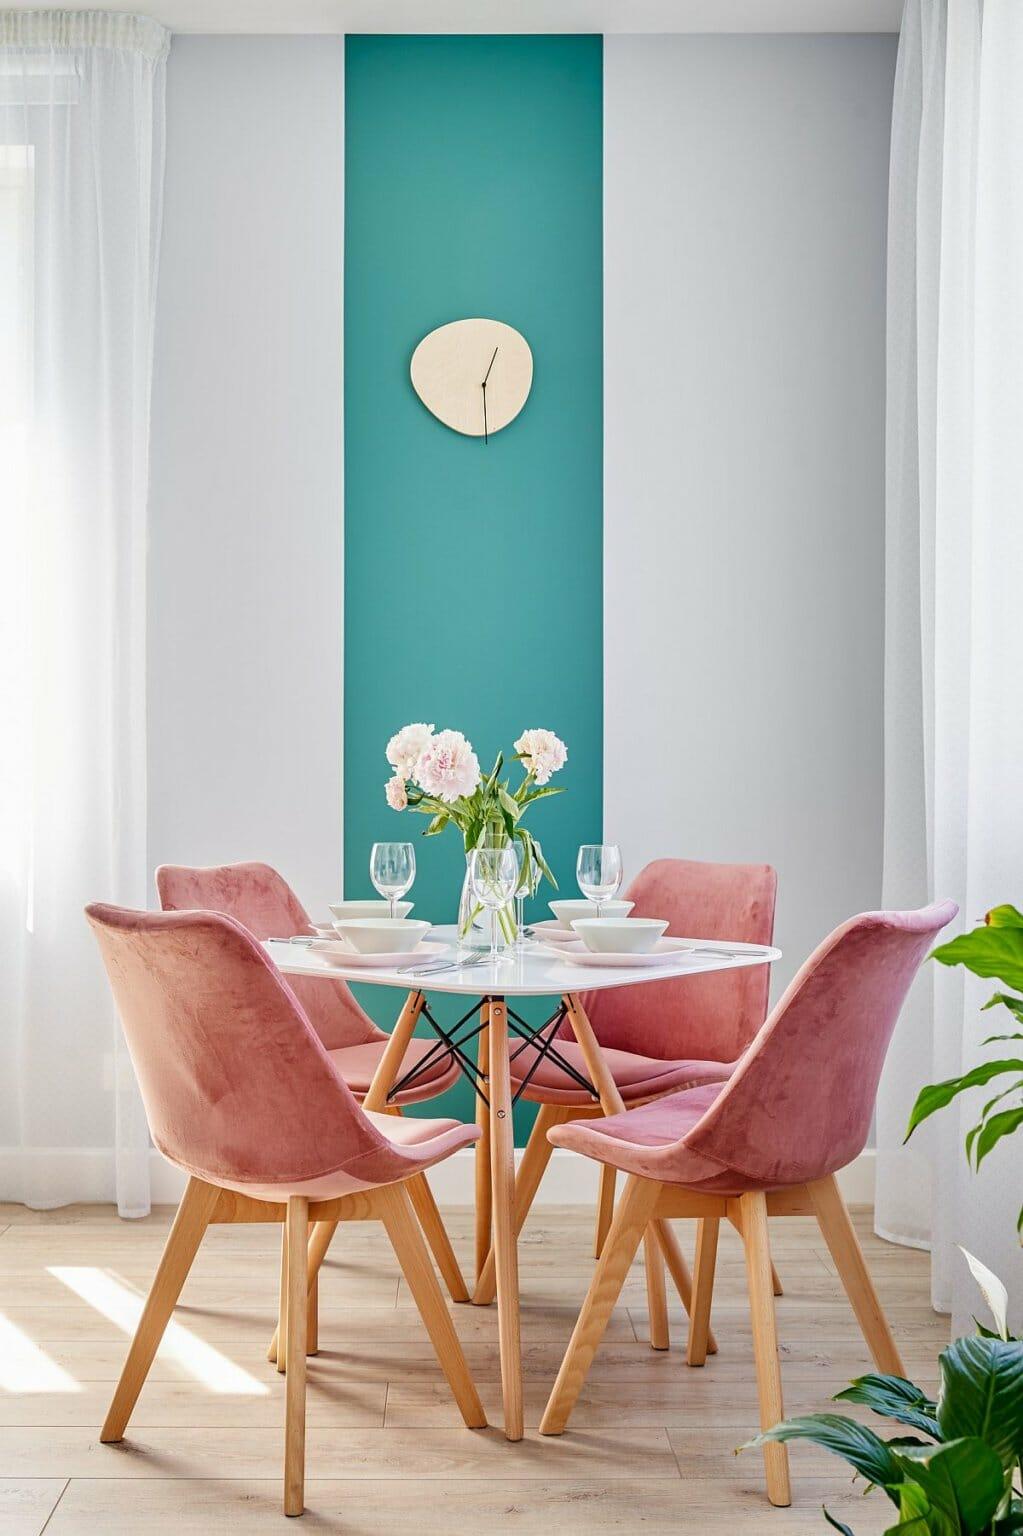 hình ảnh cận cảnh phòng ăn nhỏ với ghế ngồi màu hồng, mảng tường sơn xanh ngọc lam